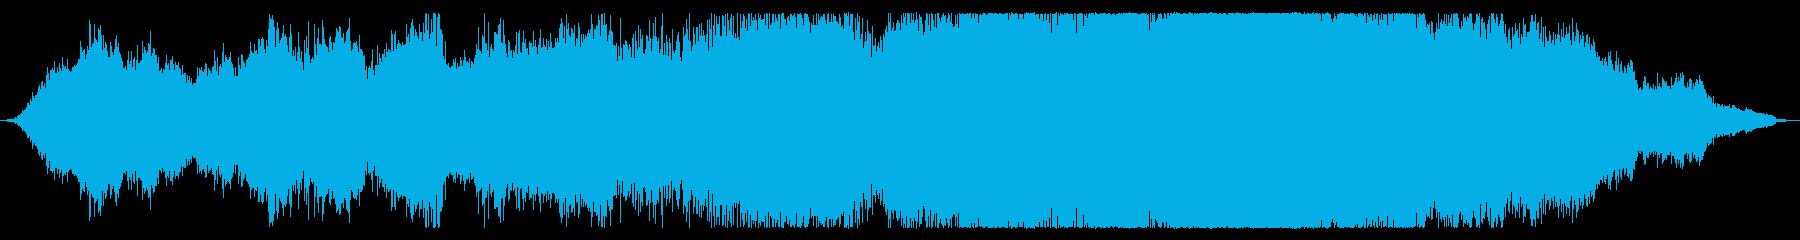 恐怖感のあるホラーBGMの再生済みの波形